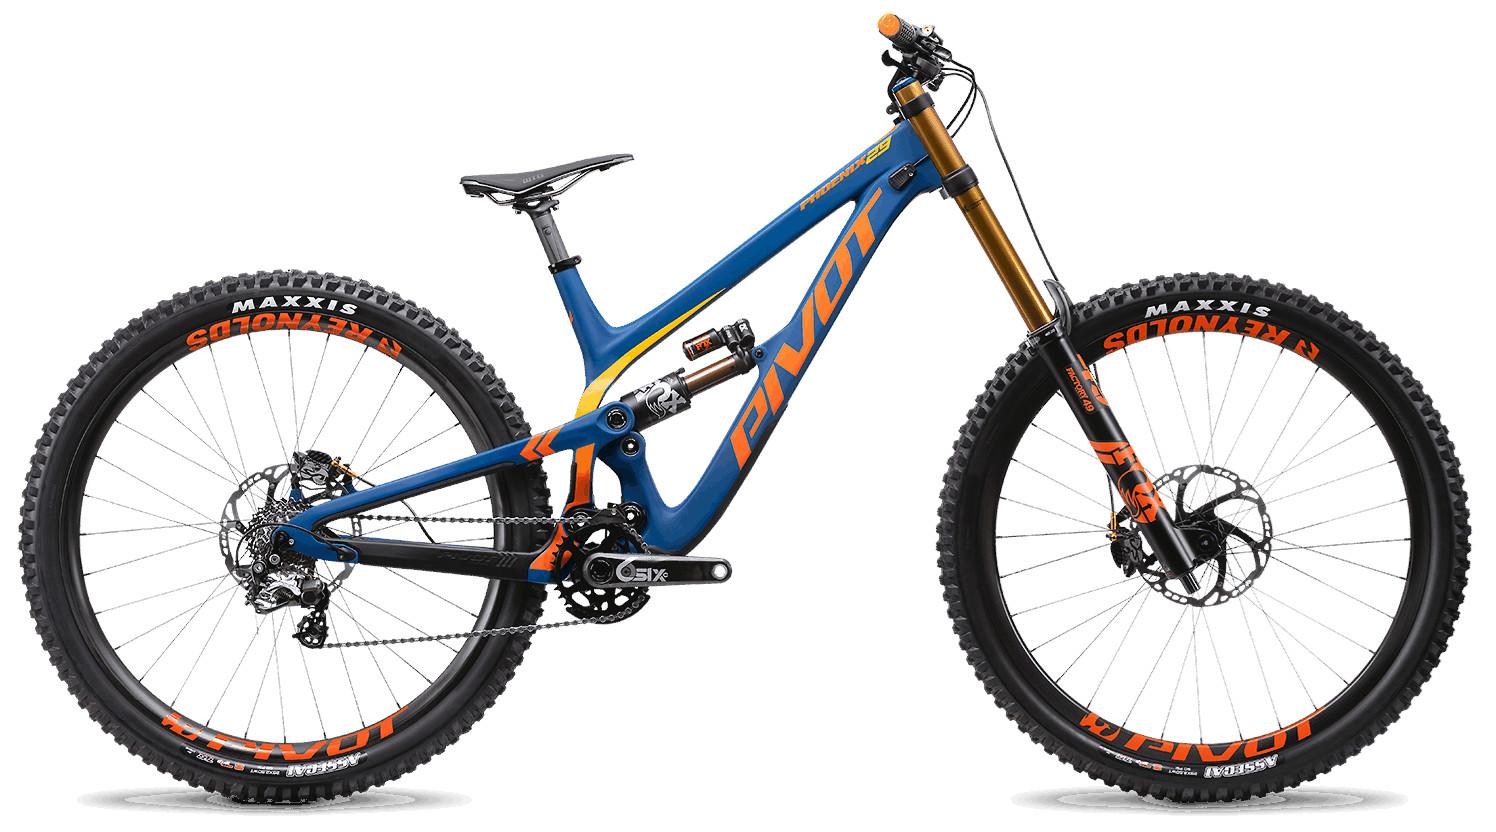 2020 Pivot Phoenix 29 Blue (Pro Saint build pictured)